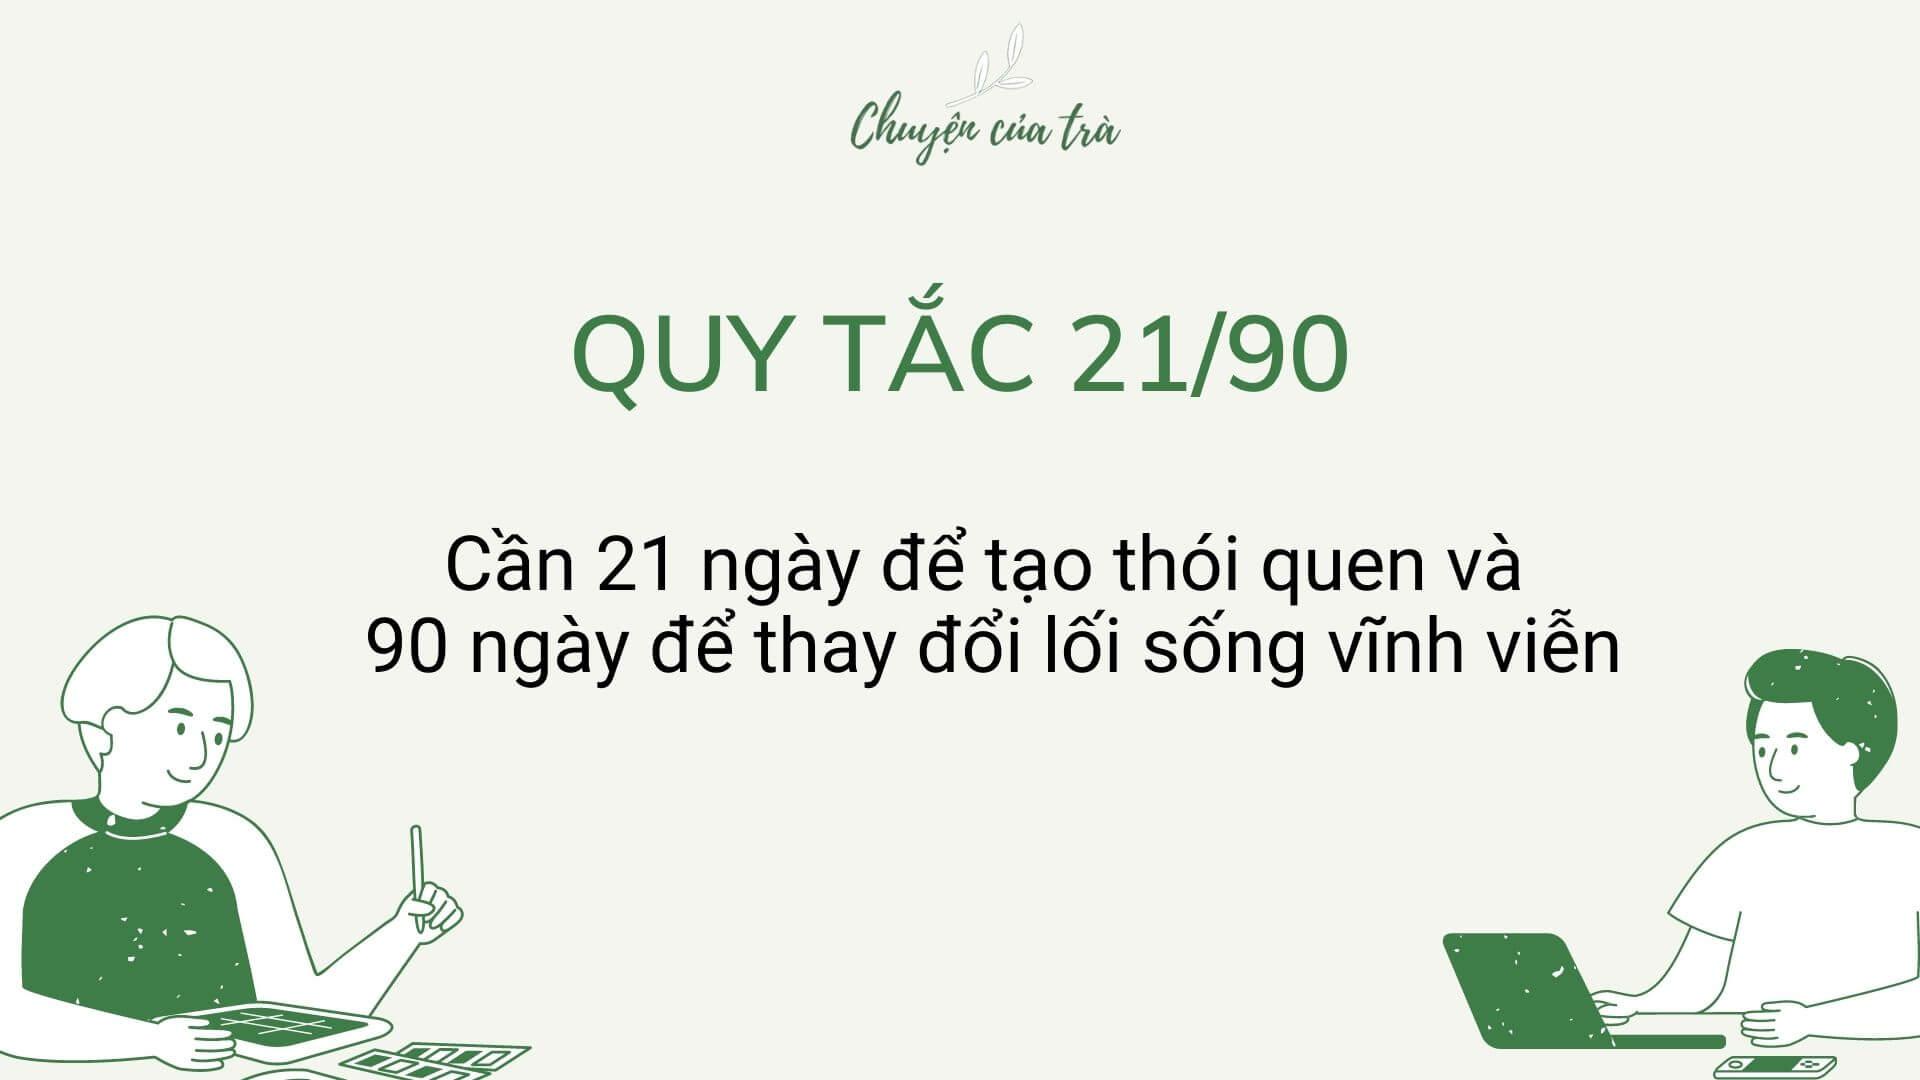 xay-dung-thoi-quen-tot-nho-quy-tac-21-90-1